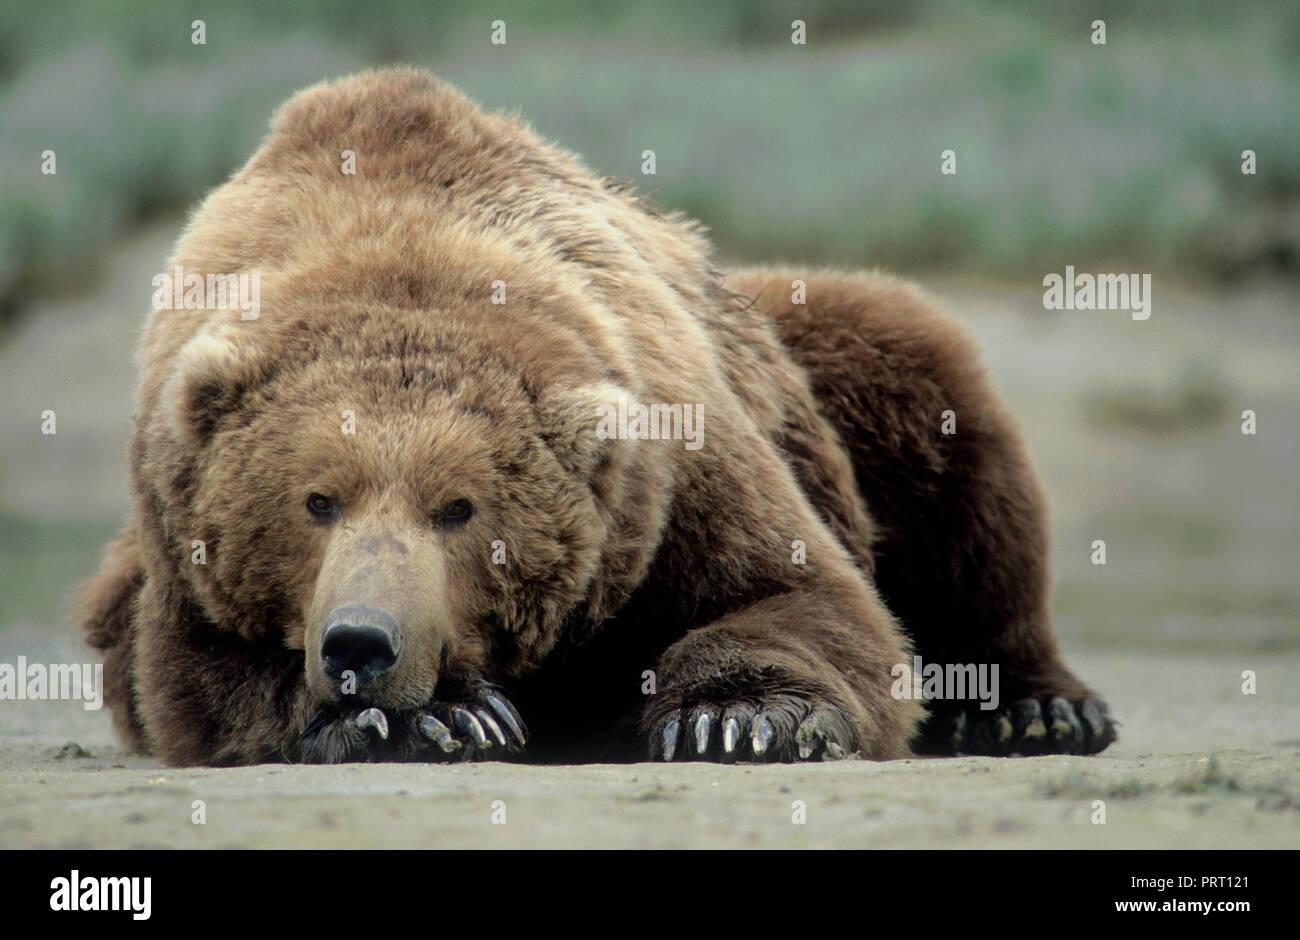 Brown bear (Ursus arctos) on tidal flat at Kukak Bay, Katmai National Park, AK Stock Photo